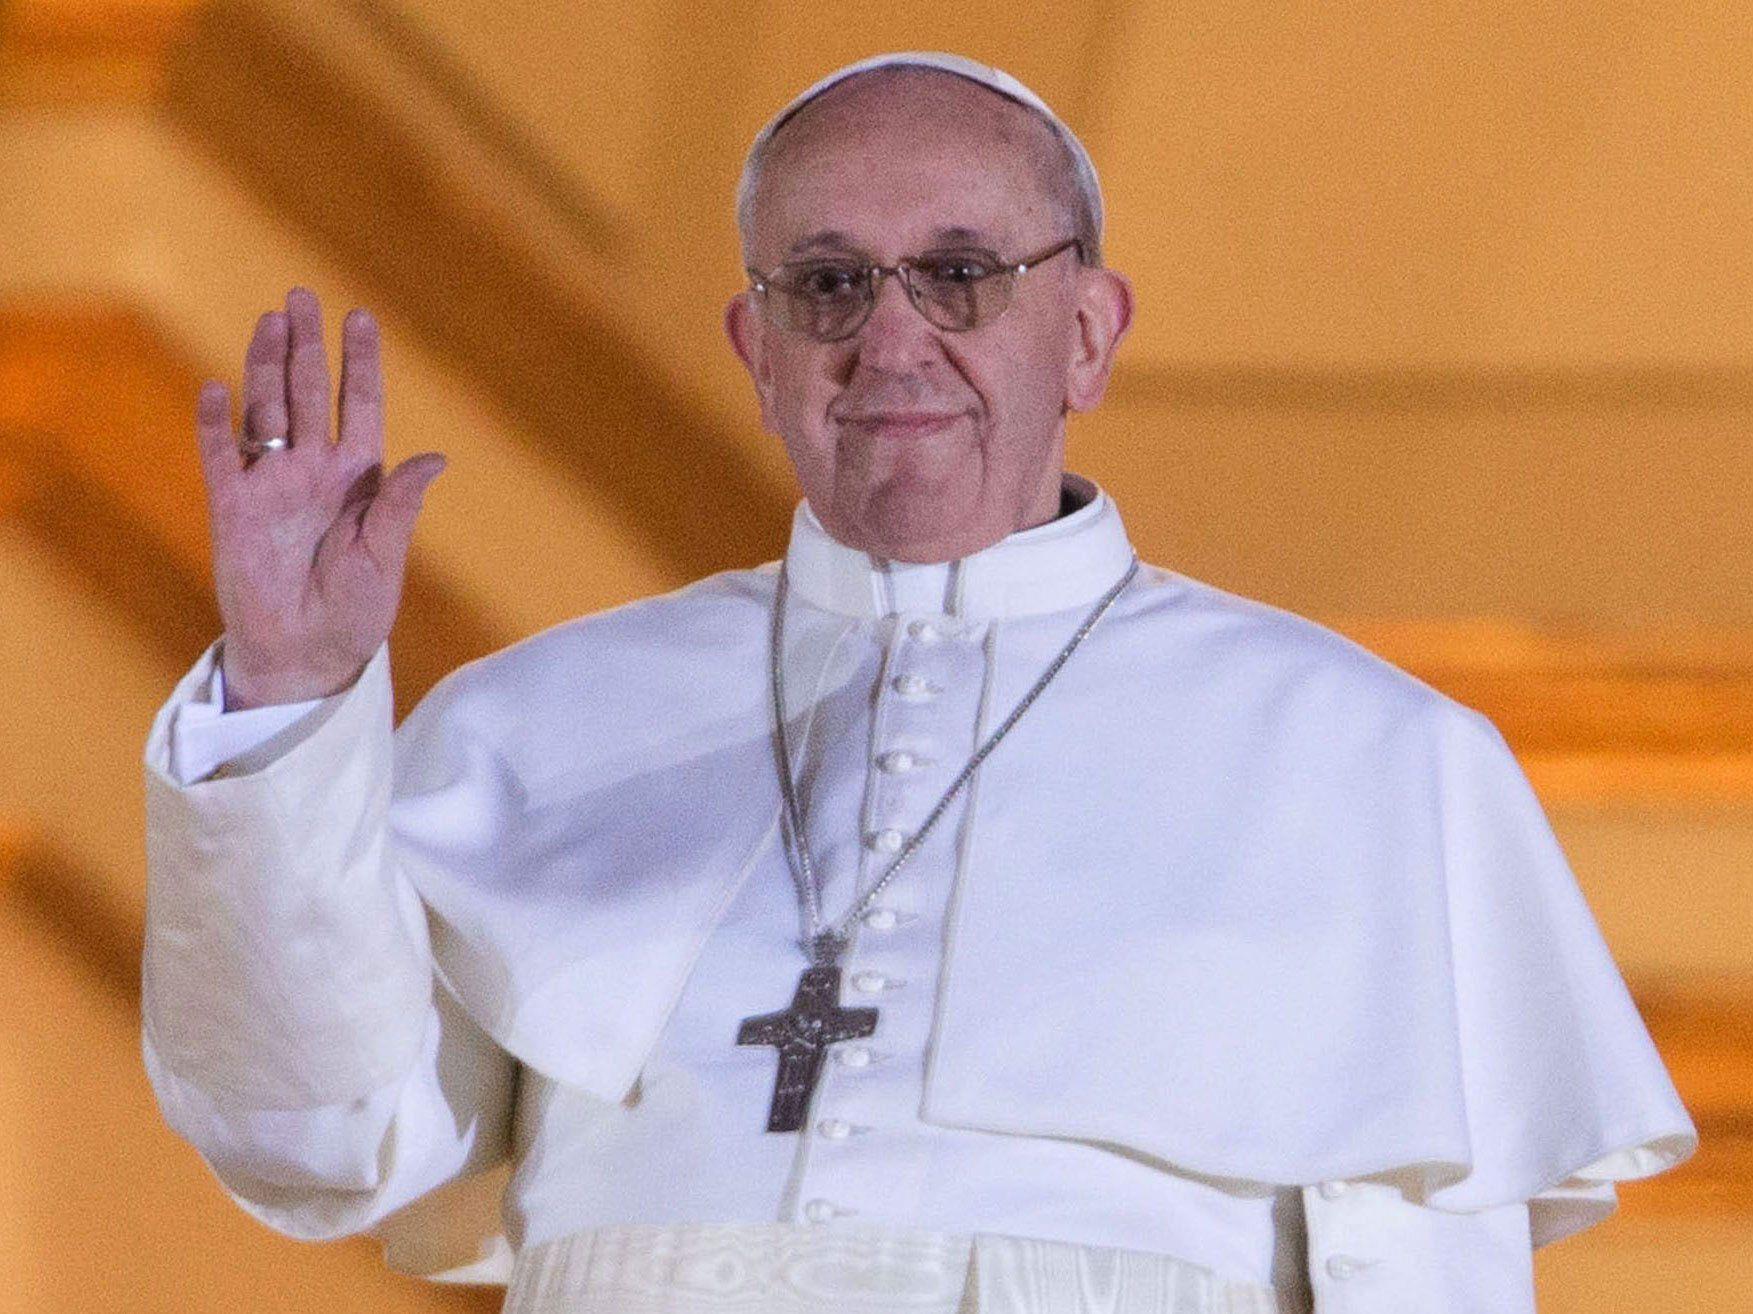 130.000 Mitteilungen pro Minute nach Vorstellung des neuen Papstes.